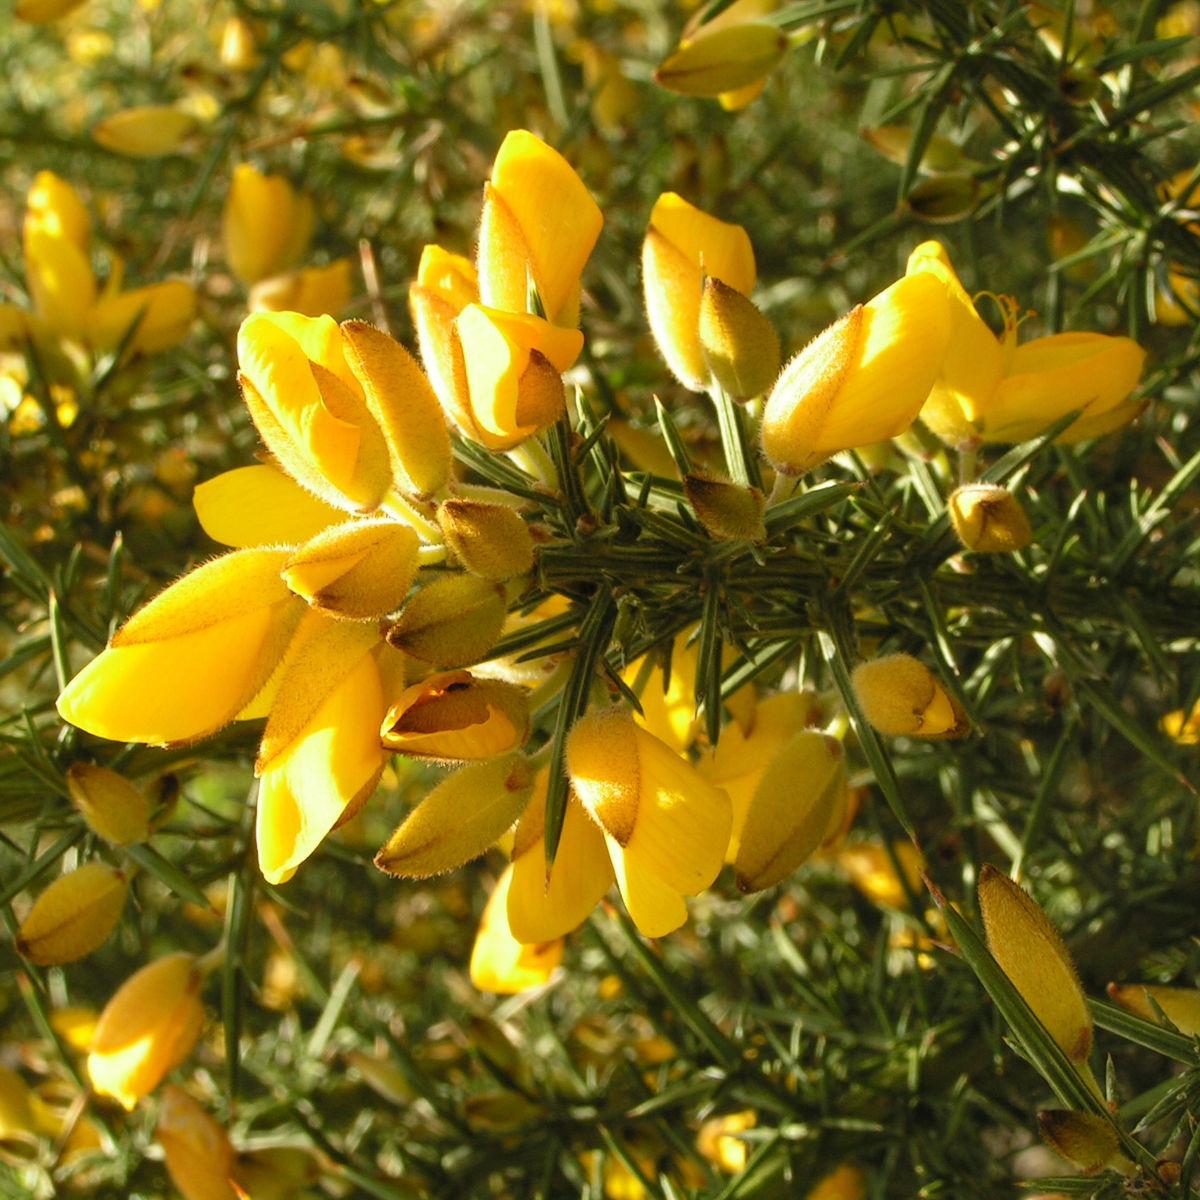 Europaeischer Stechginster Bluete gelb Ulex europaeus